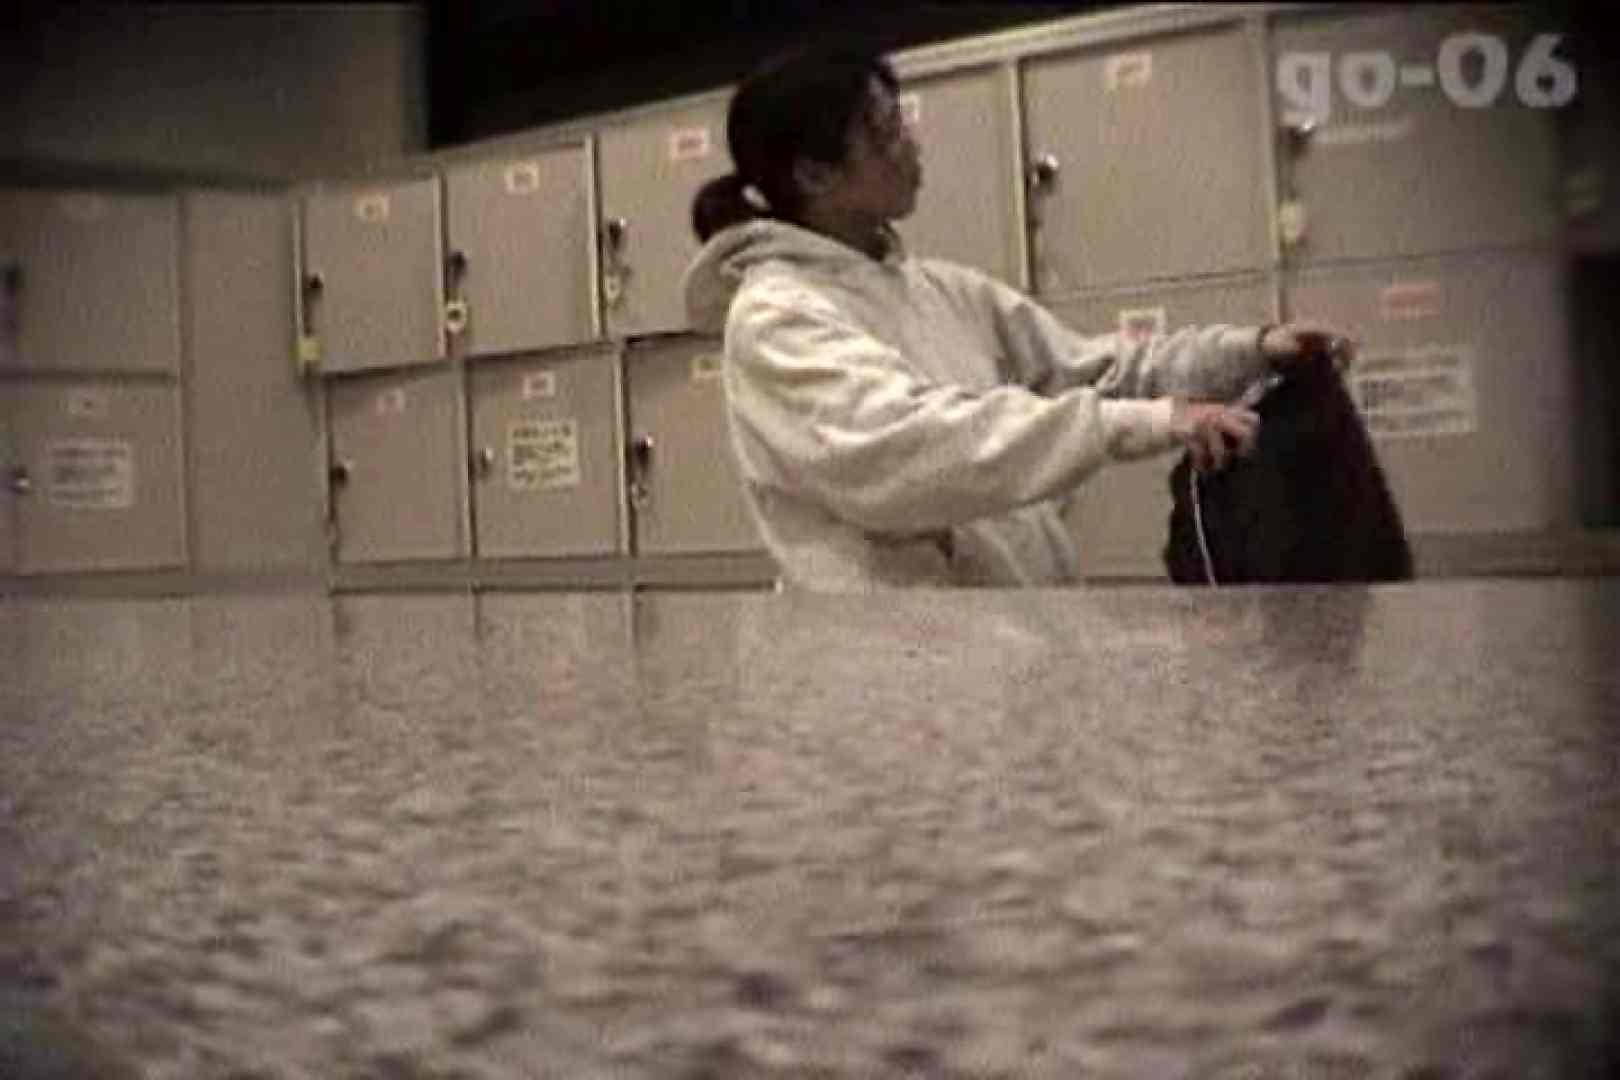 電波カメラ設置浴場からの防HAN映像 Vol.06 盗撮・必見 オマンコ無修正動画無料 106画像 4